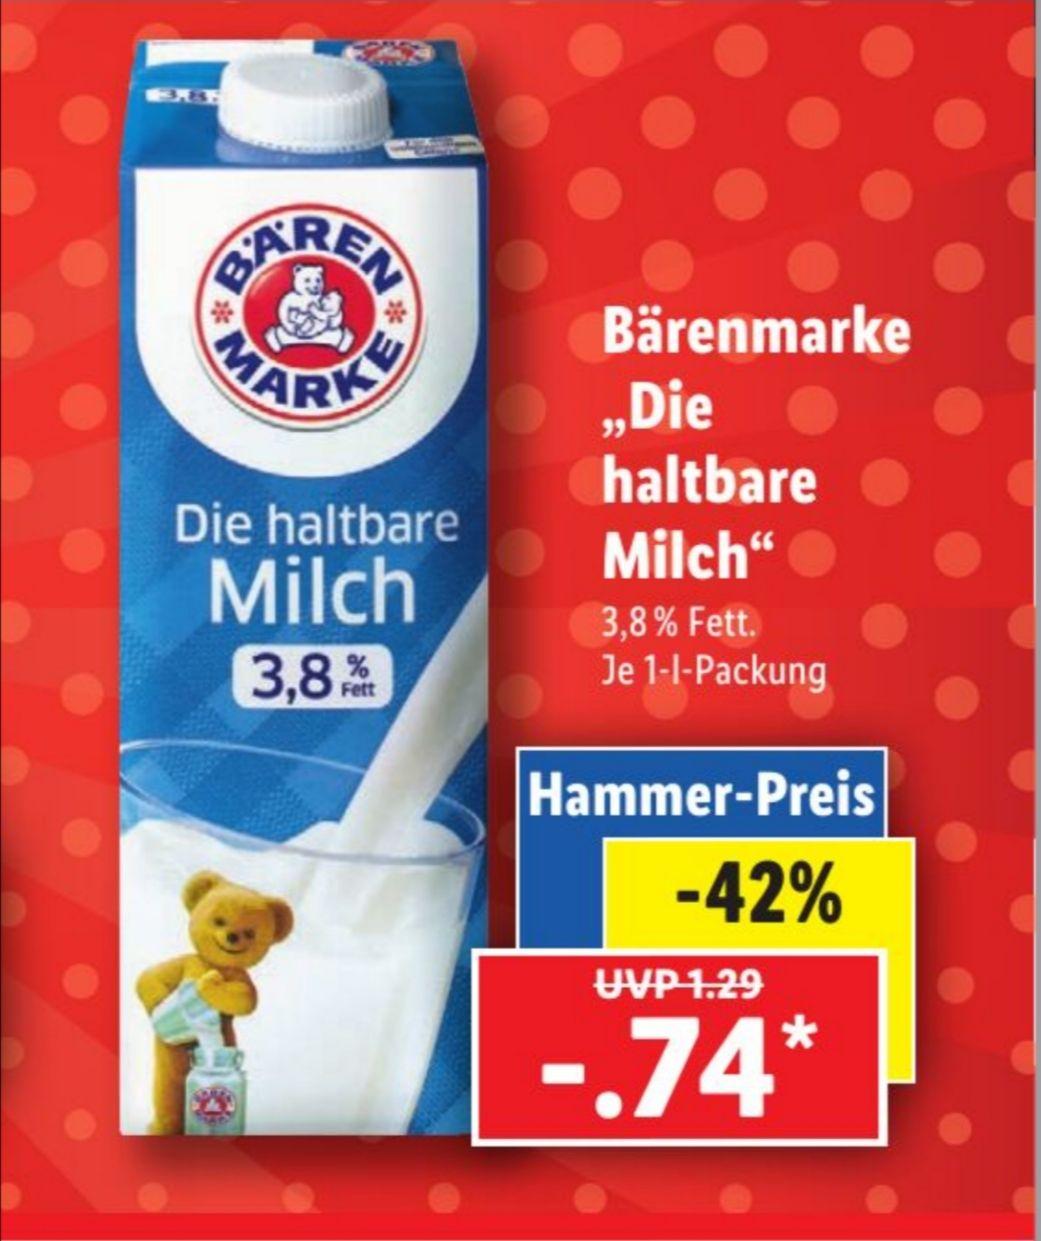 Bärenmarke 1 Liter haltbare Milch